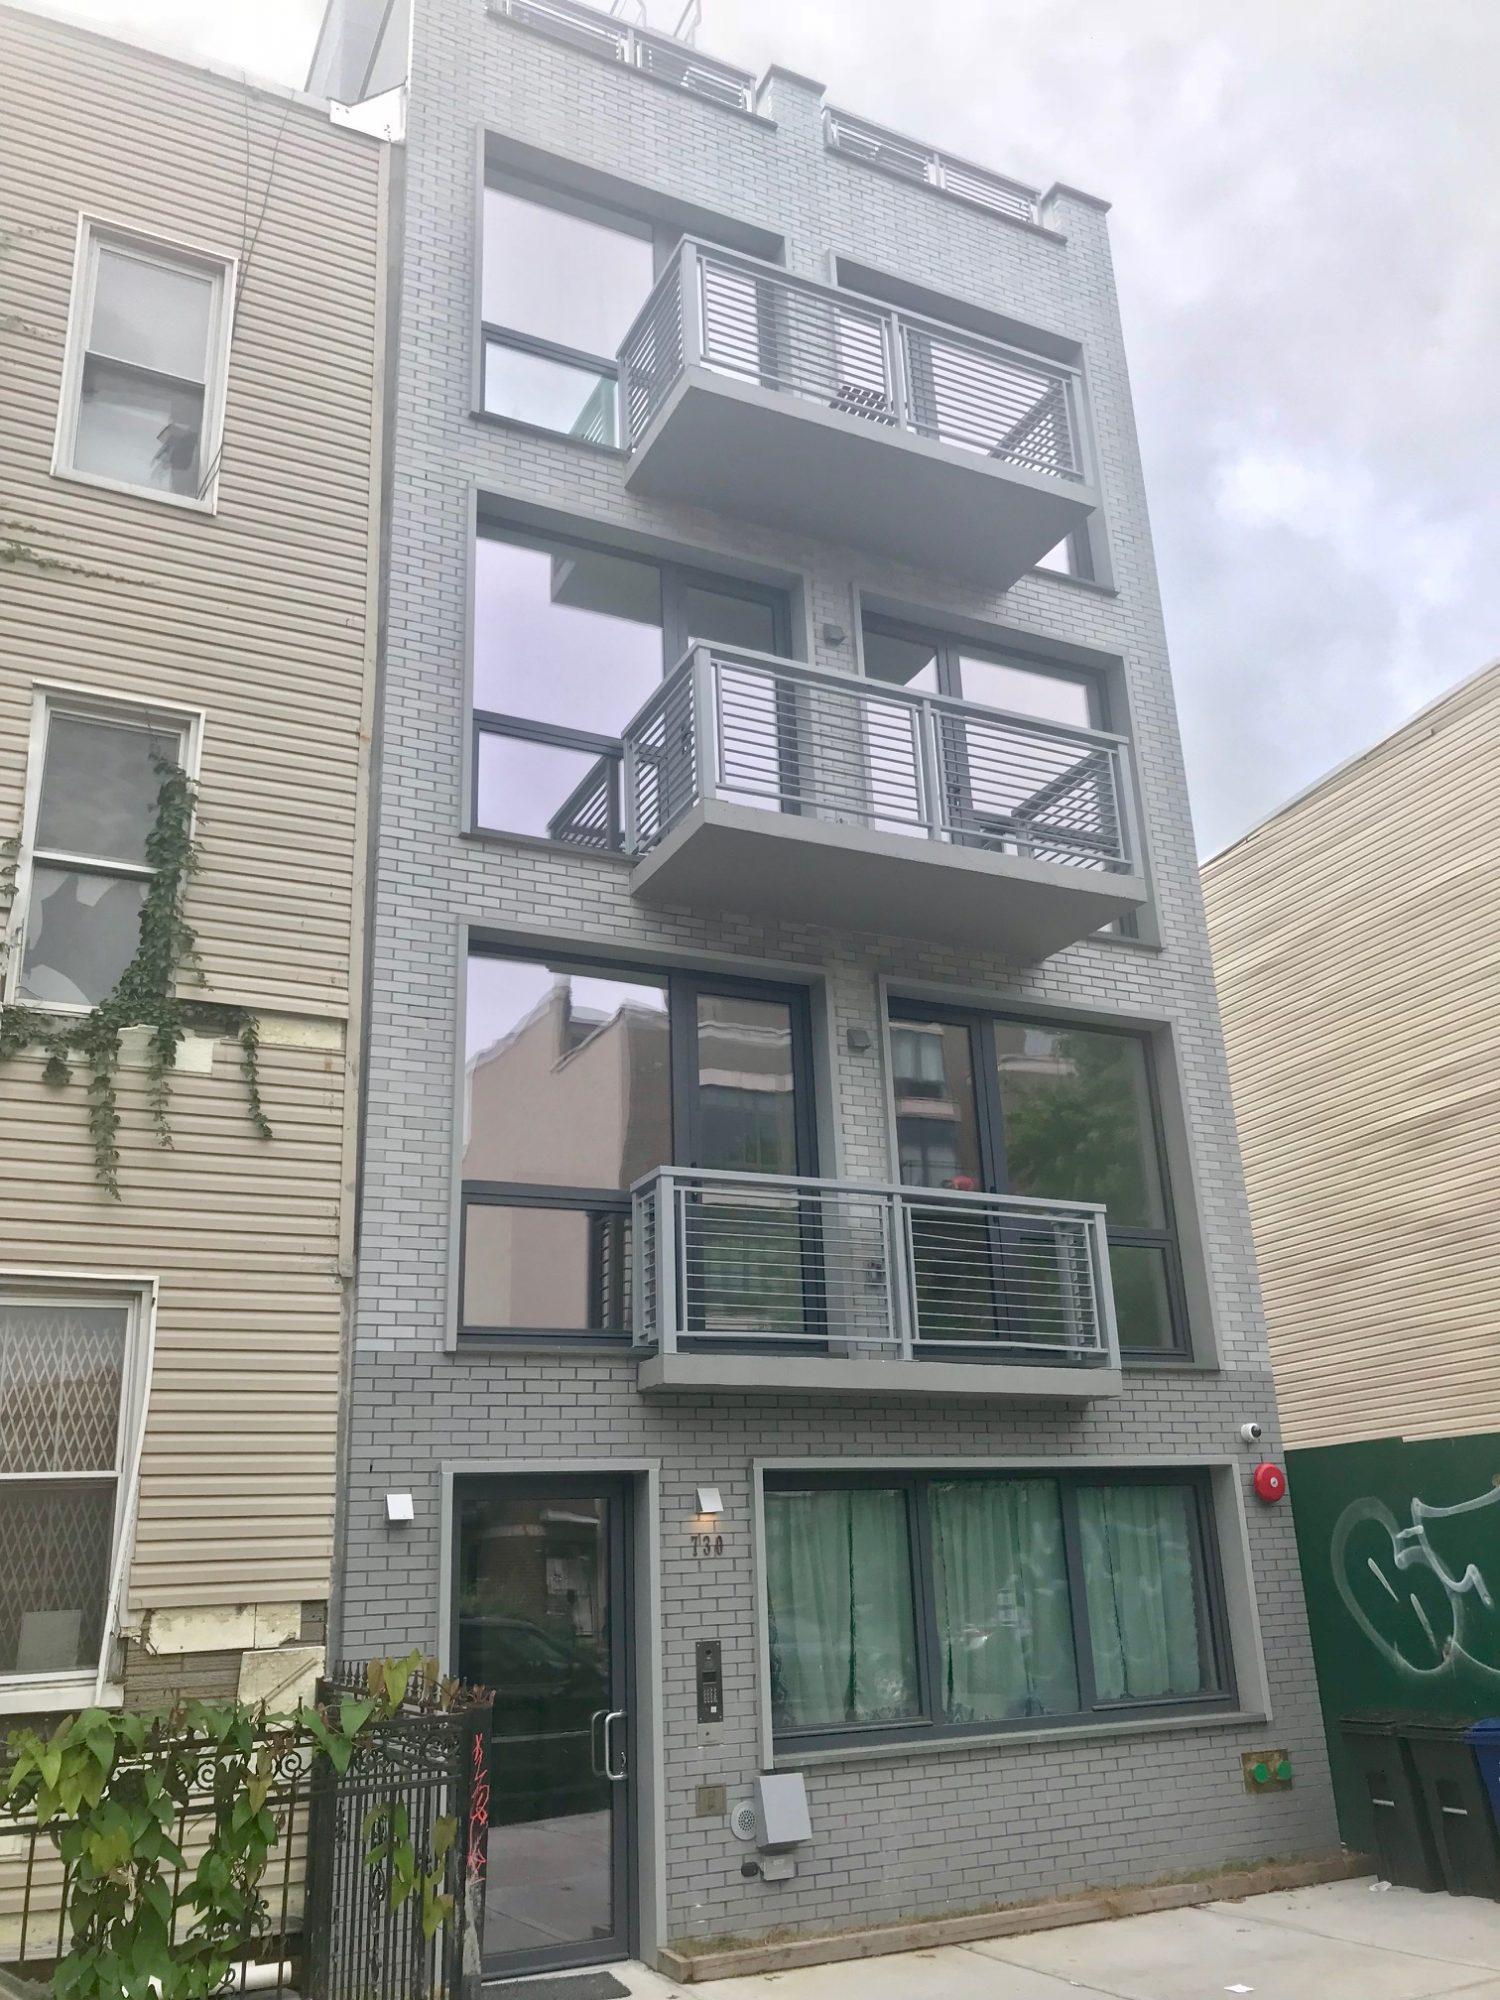 730 Prospect Place, Brooklyn, NY 11216